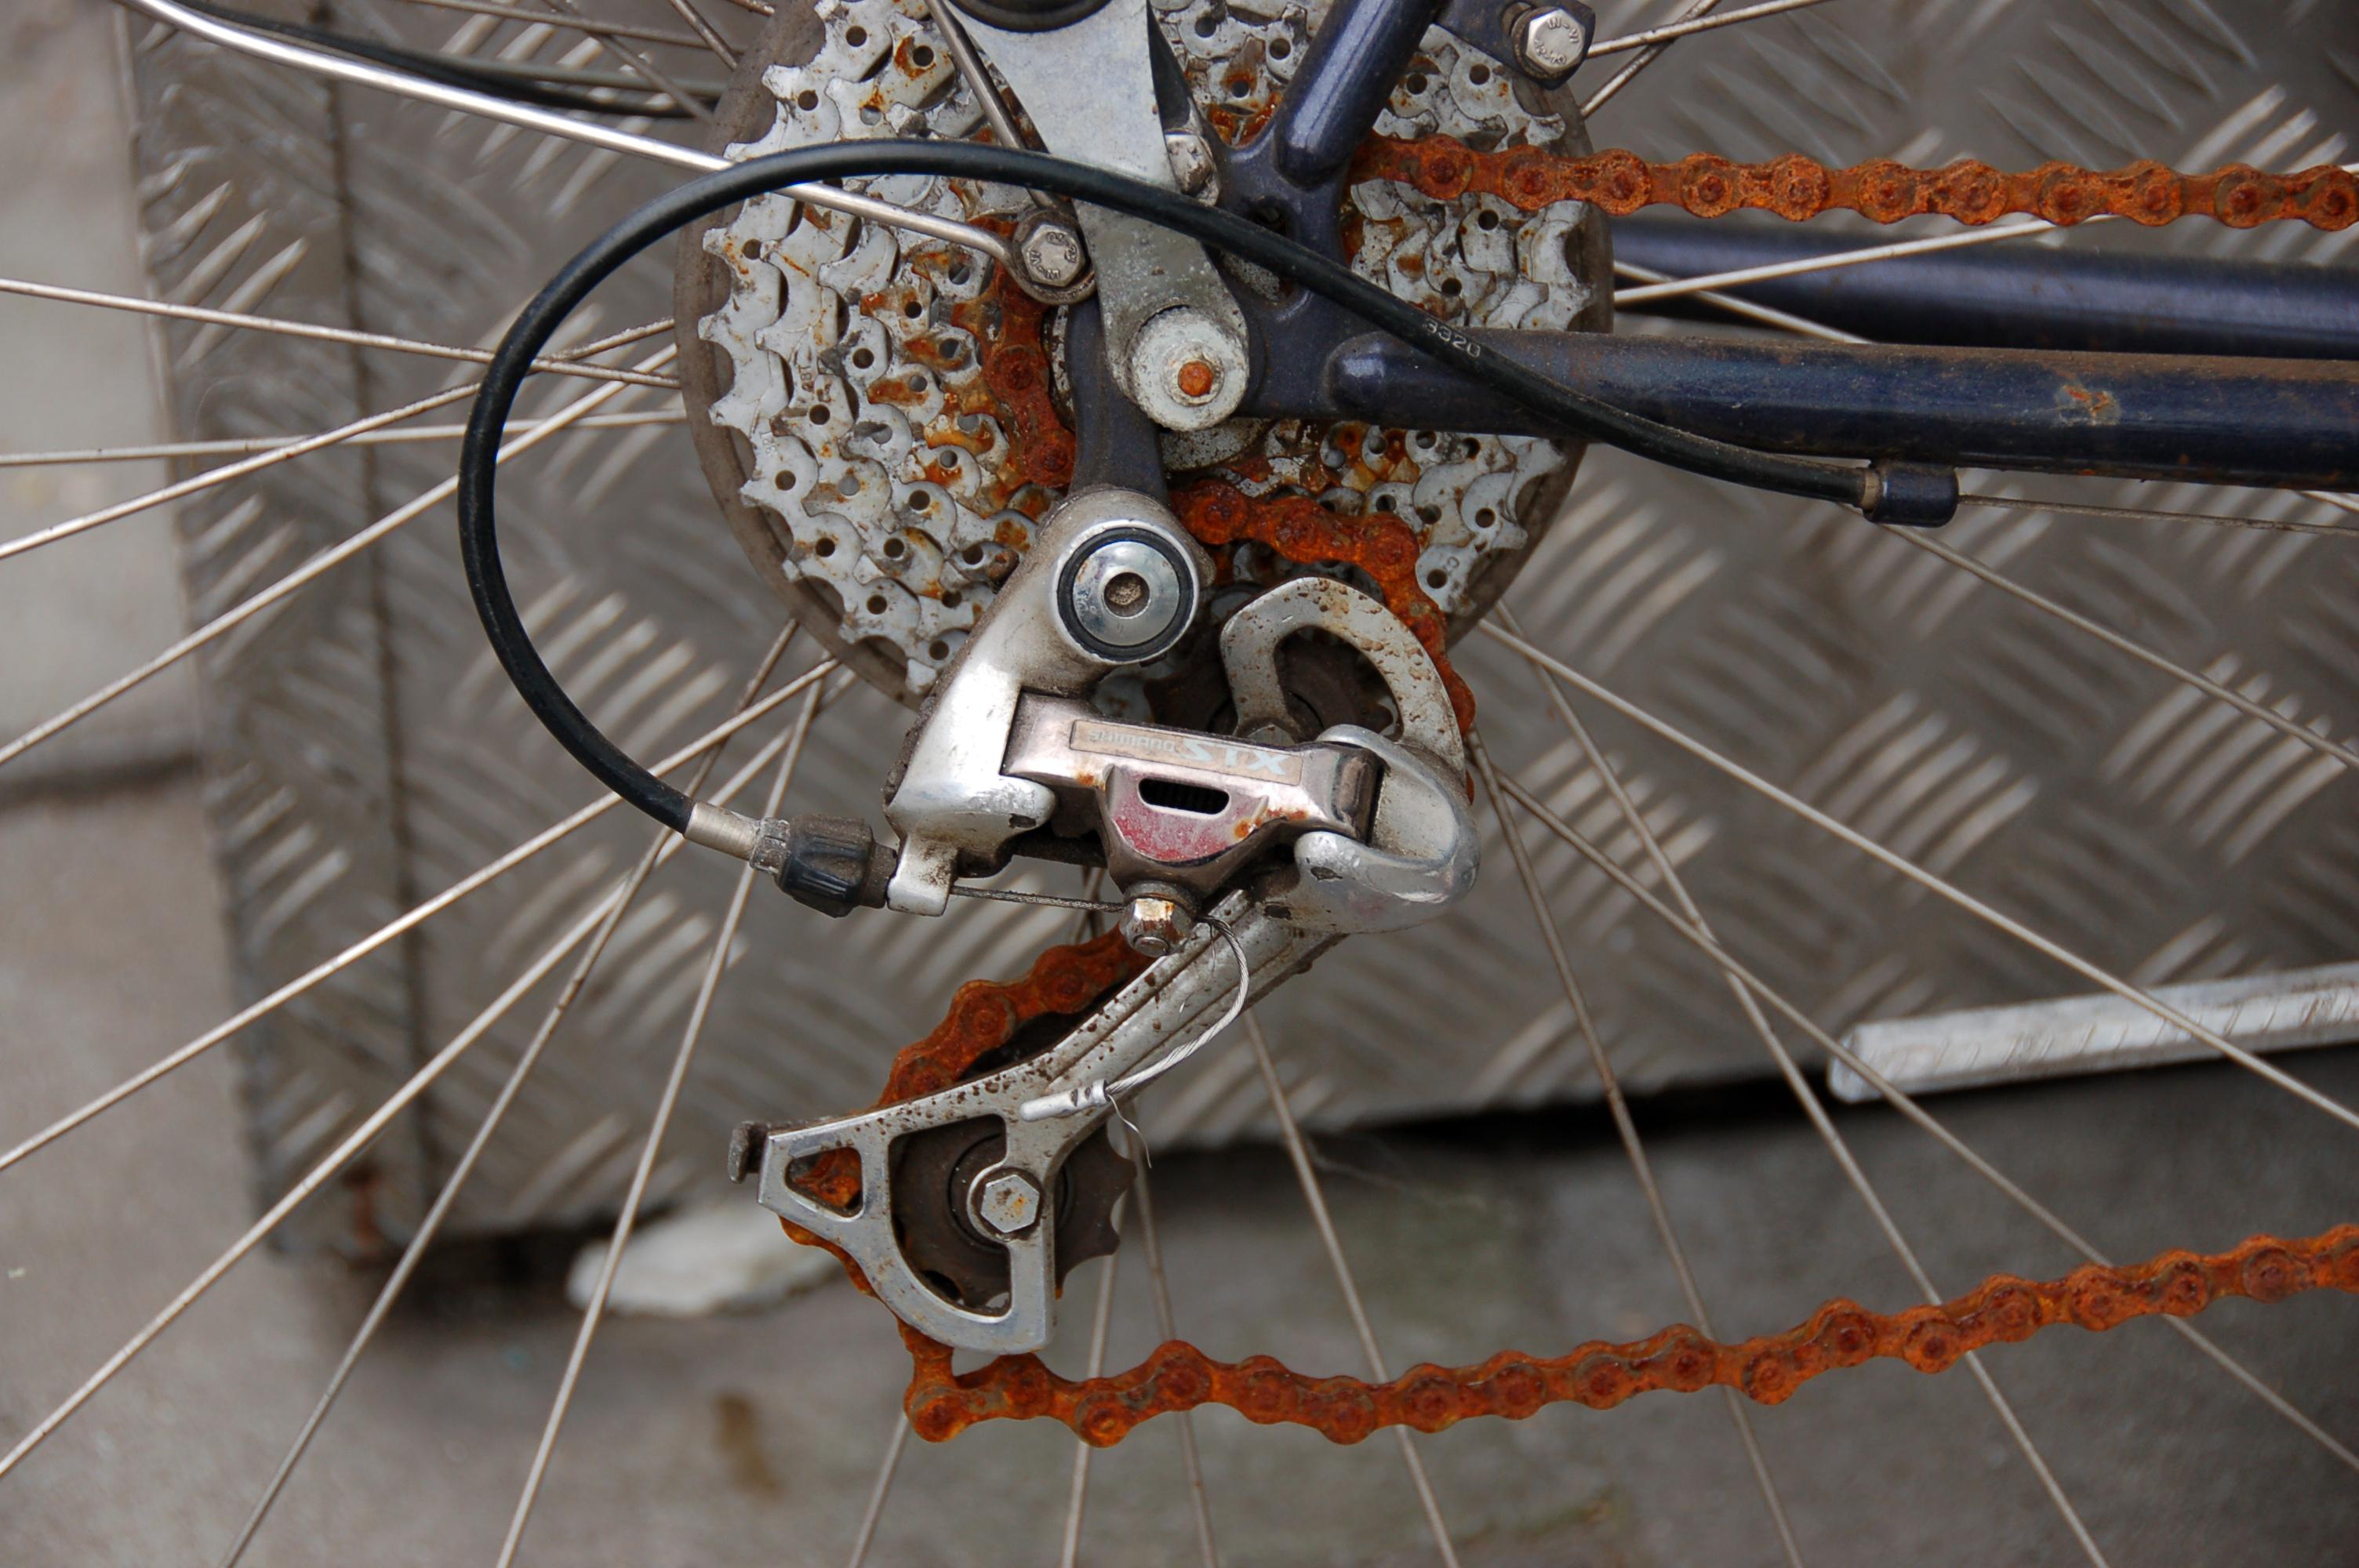 0019-fahrradsammlung-RalfR.jpg